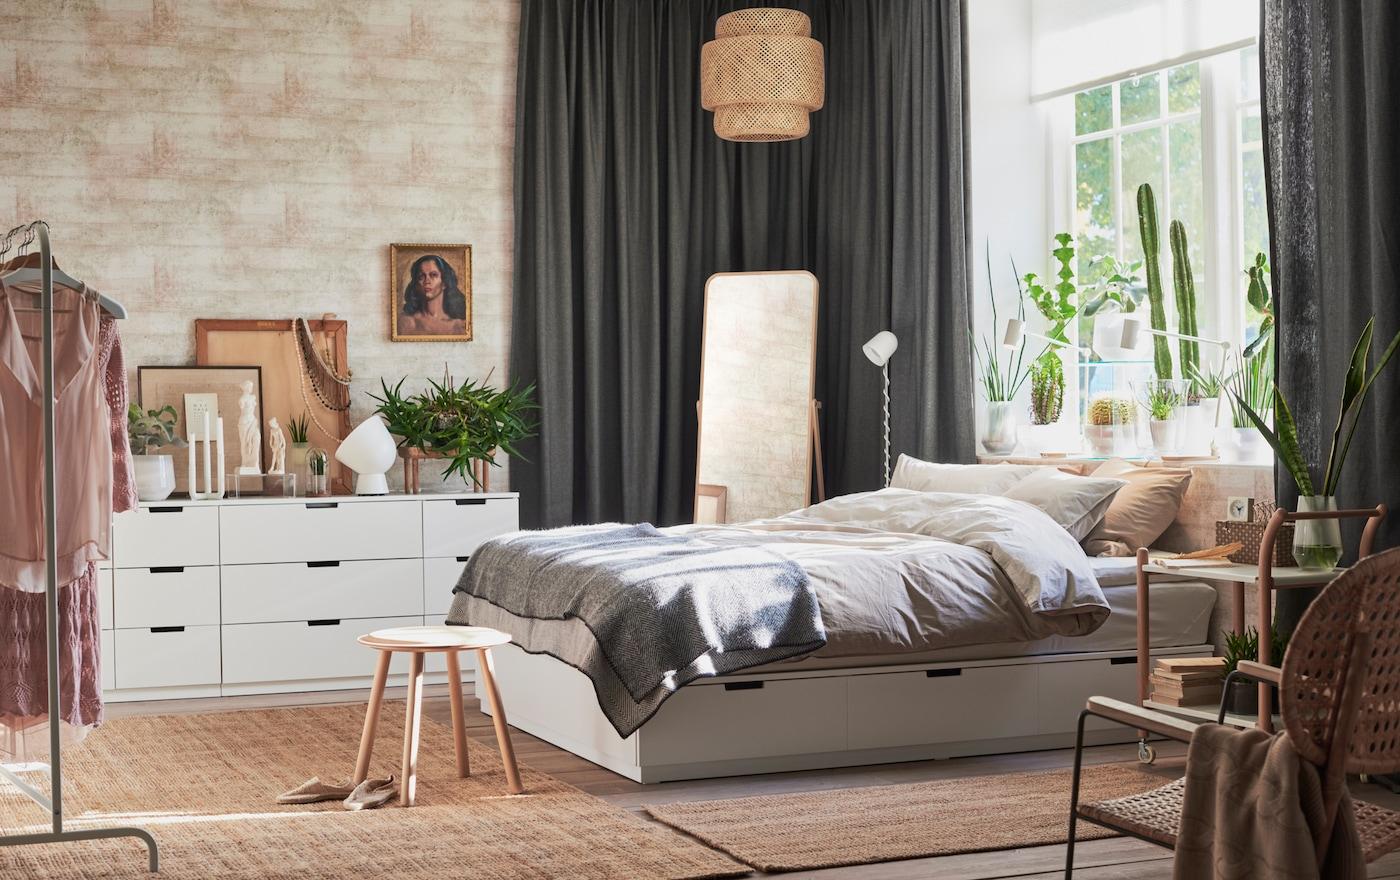 Witte Schommelstoel Ikea : Slaap rustig met alles netjes weggestopt ikea